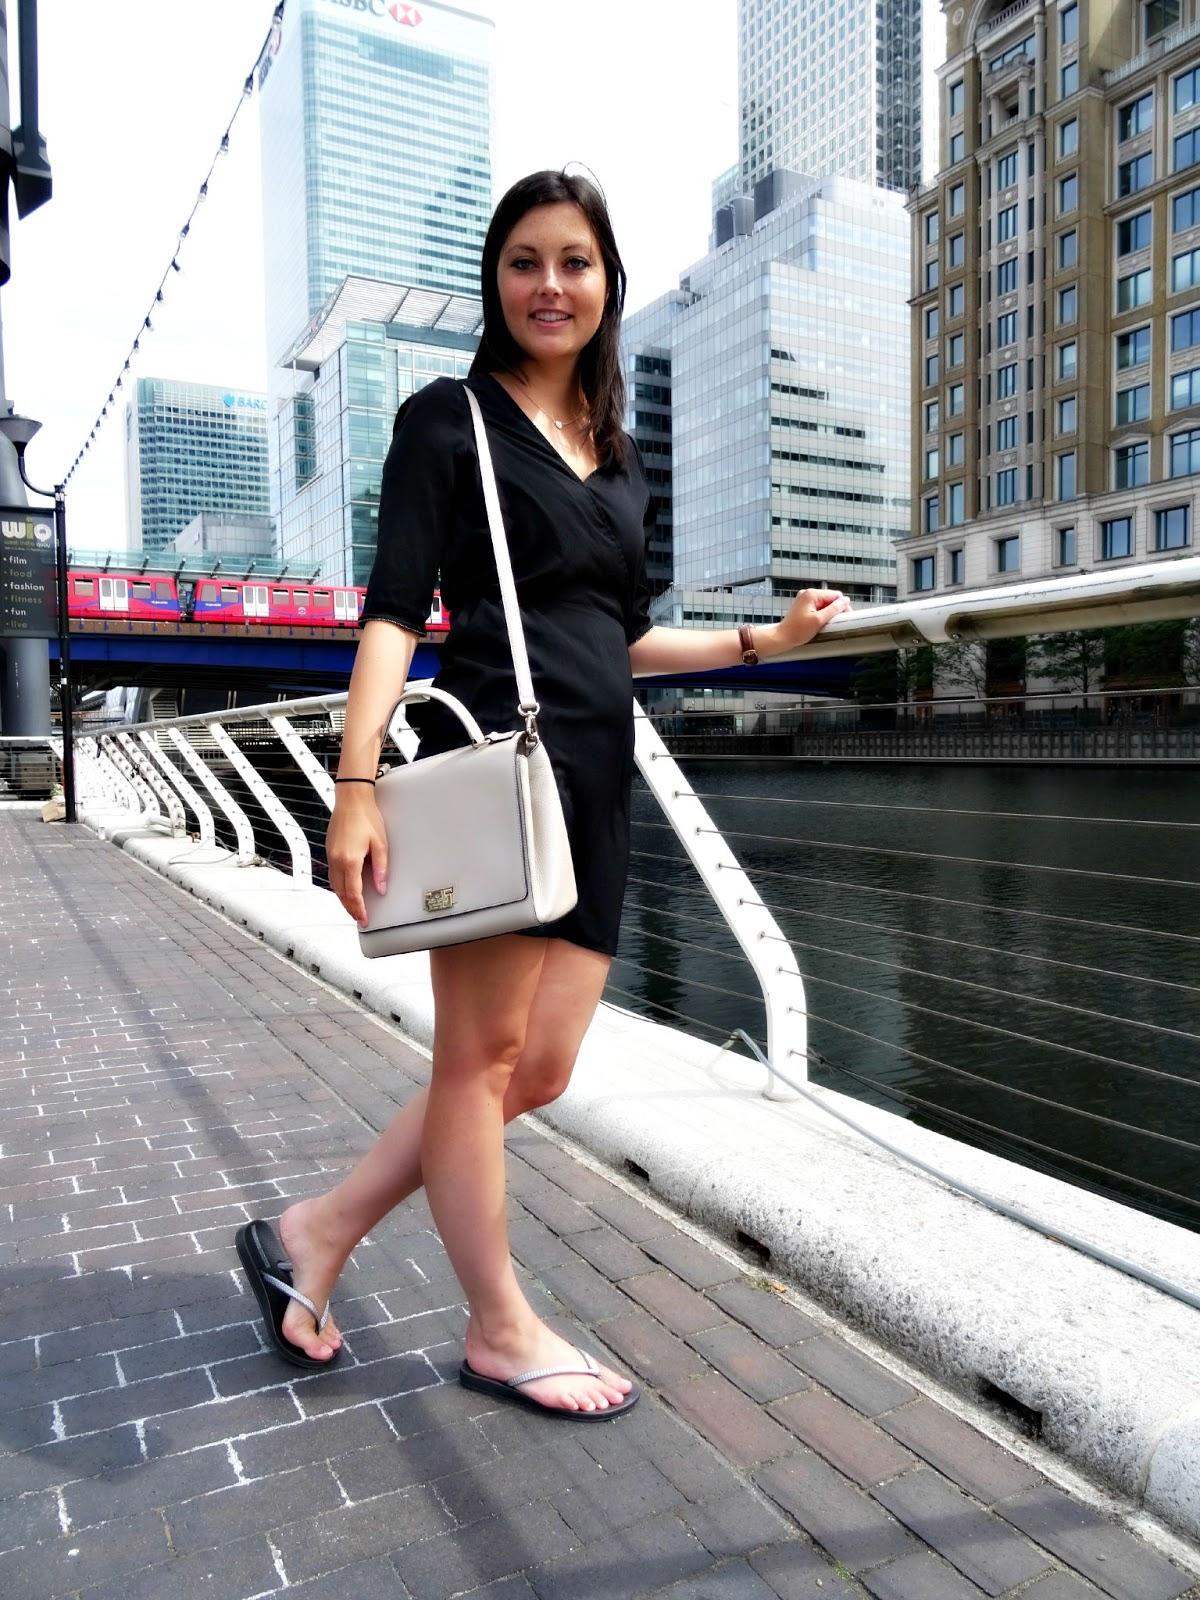 La Redou black dress fashion ootd